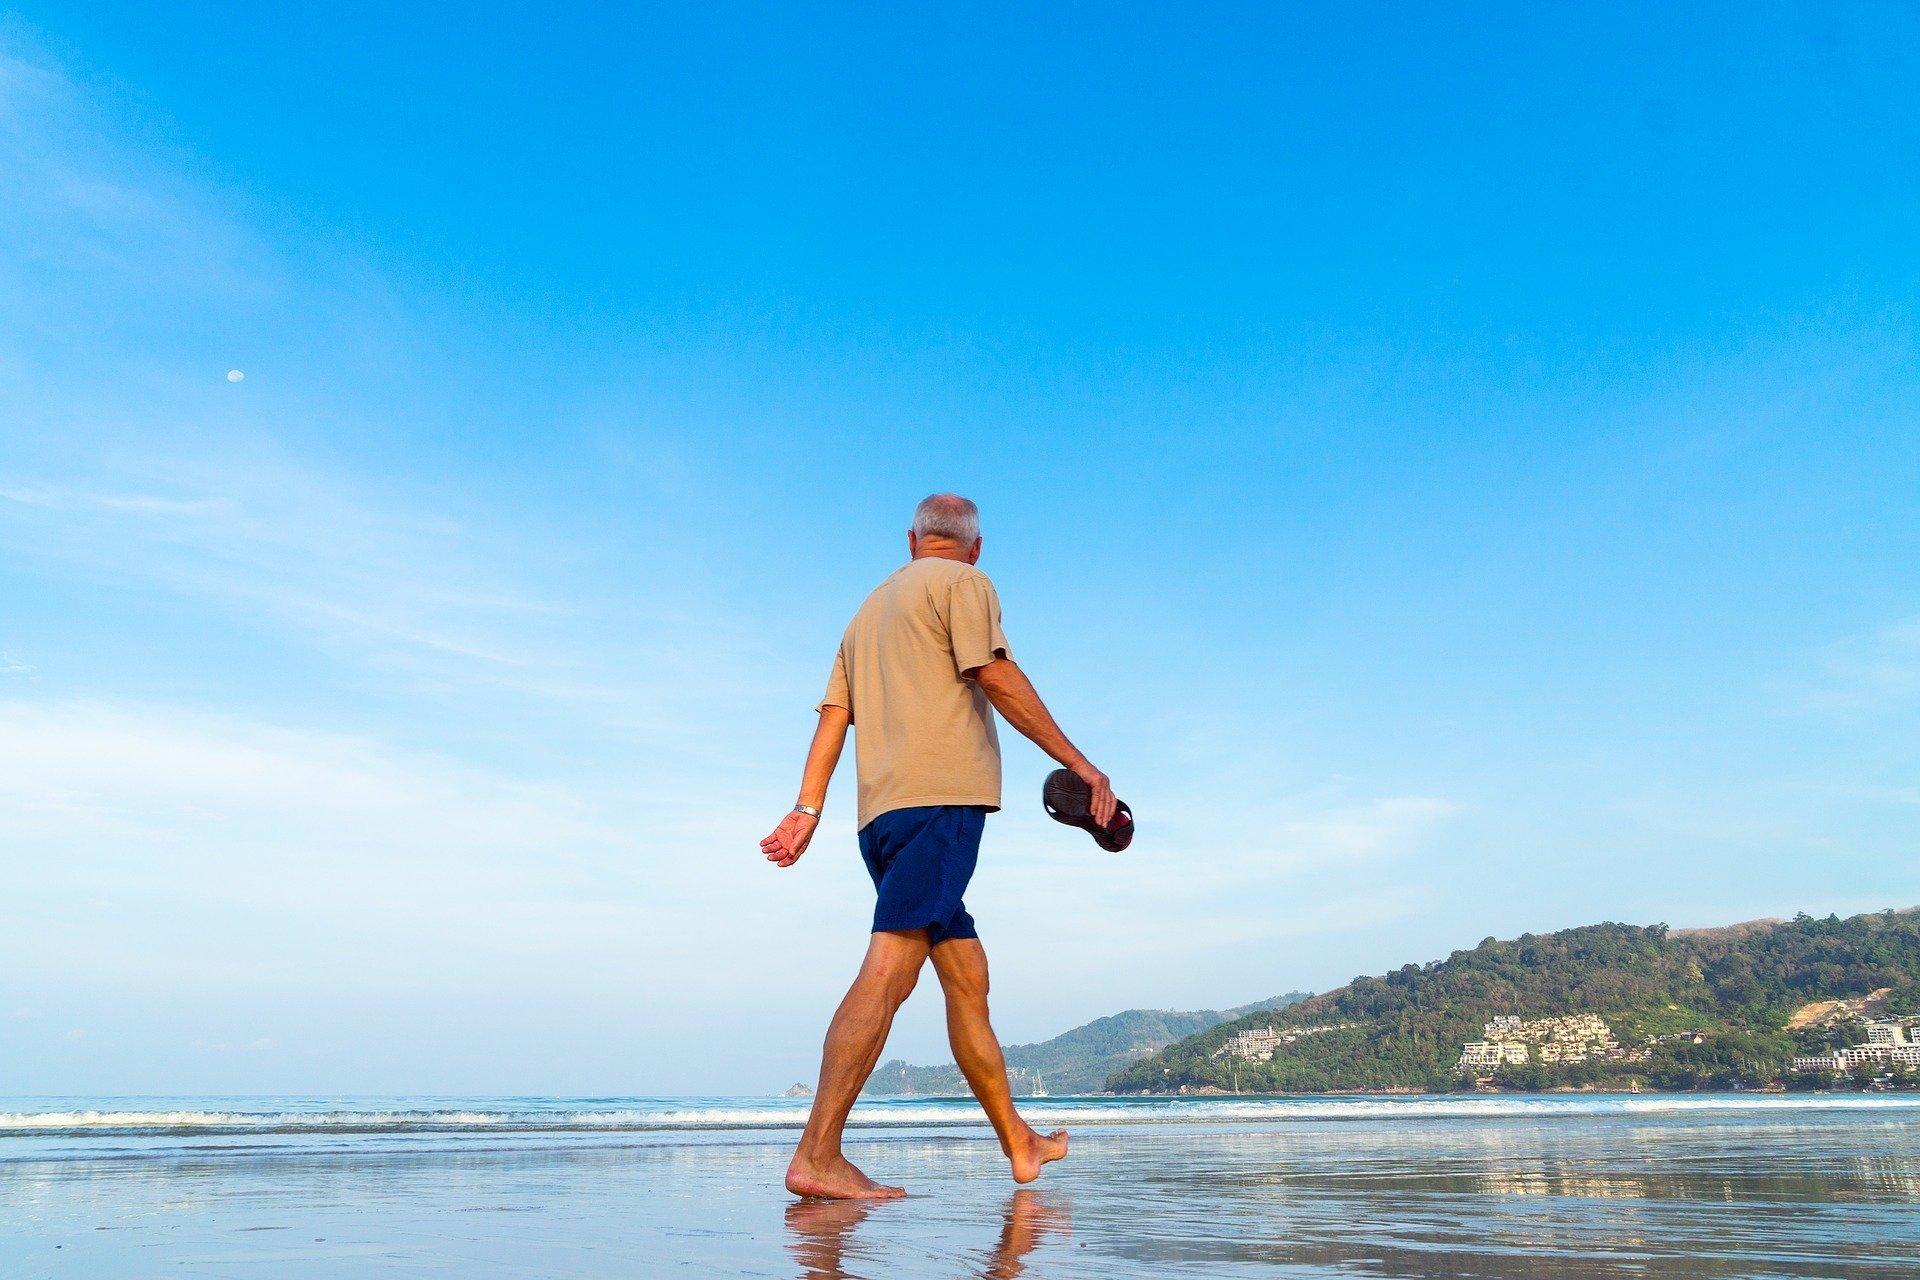 Nova Previdência : O que muda nas aposentadorias em janeiro de 2020?